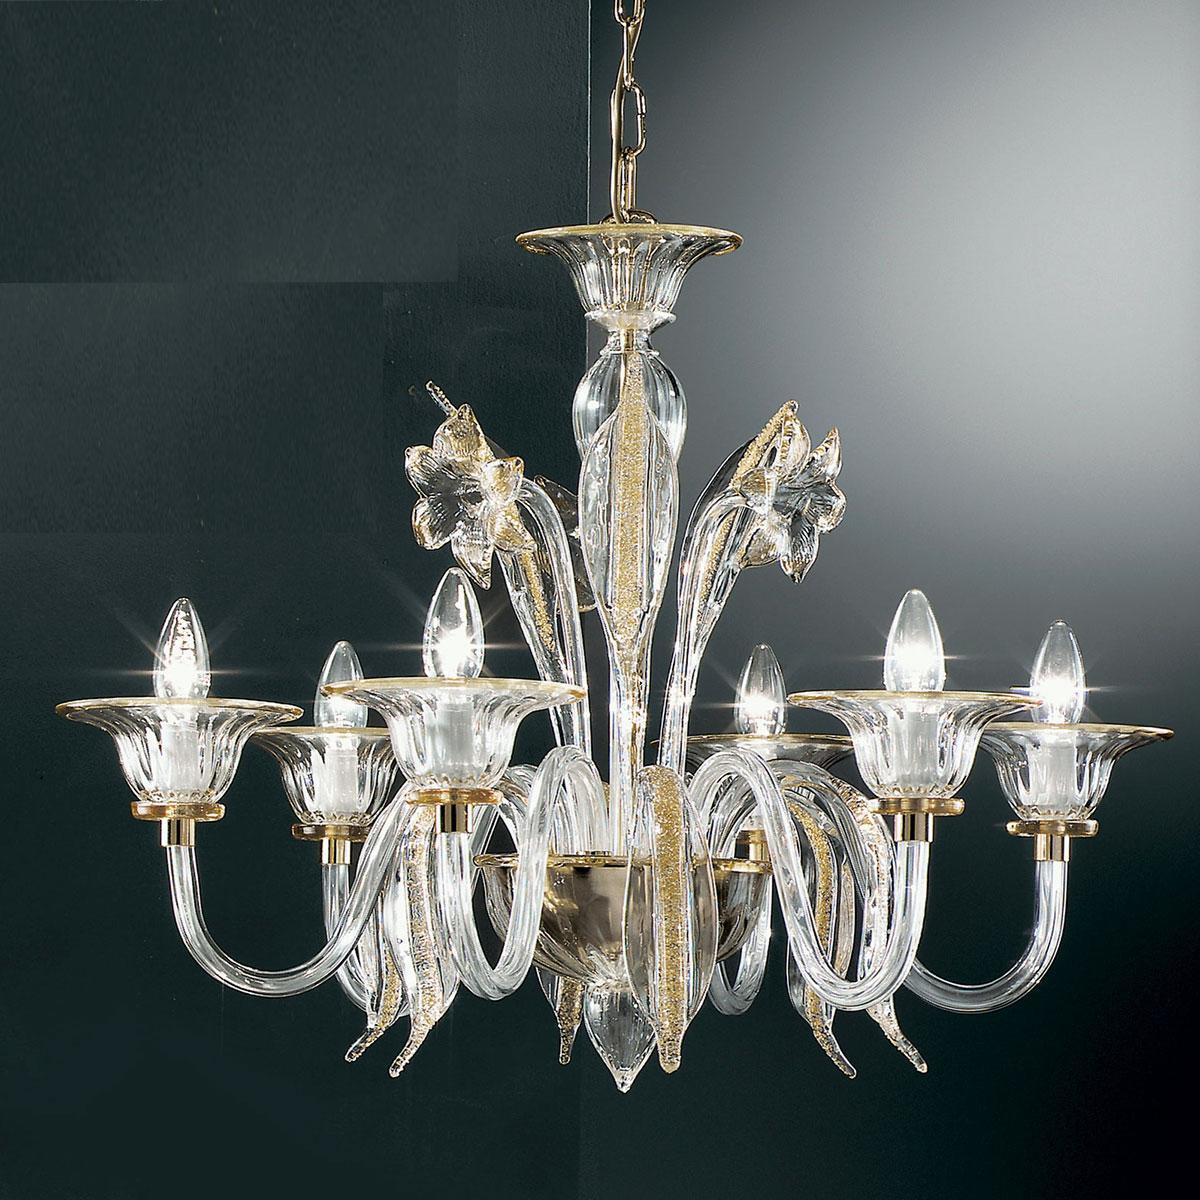 """""""Alloro"""" lampara de araña de Murano - 6 luces - transparente y ámbar"""